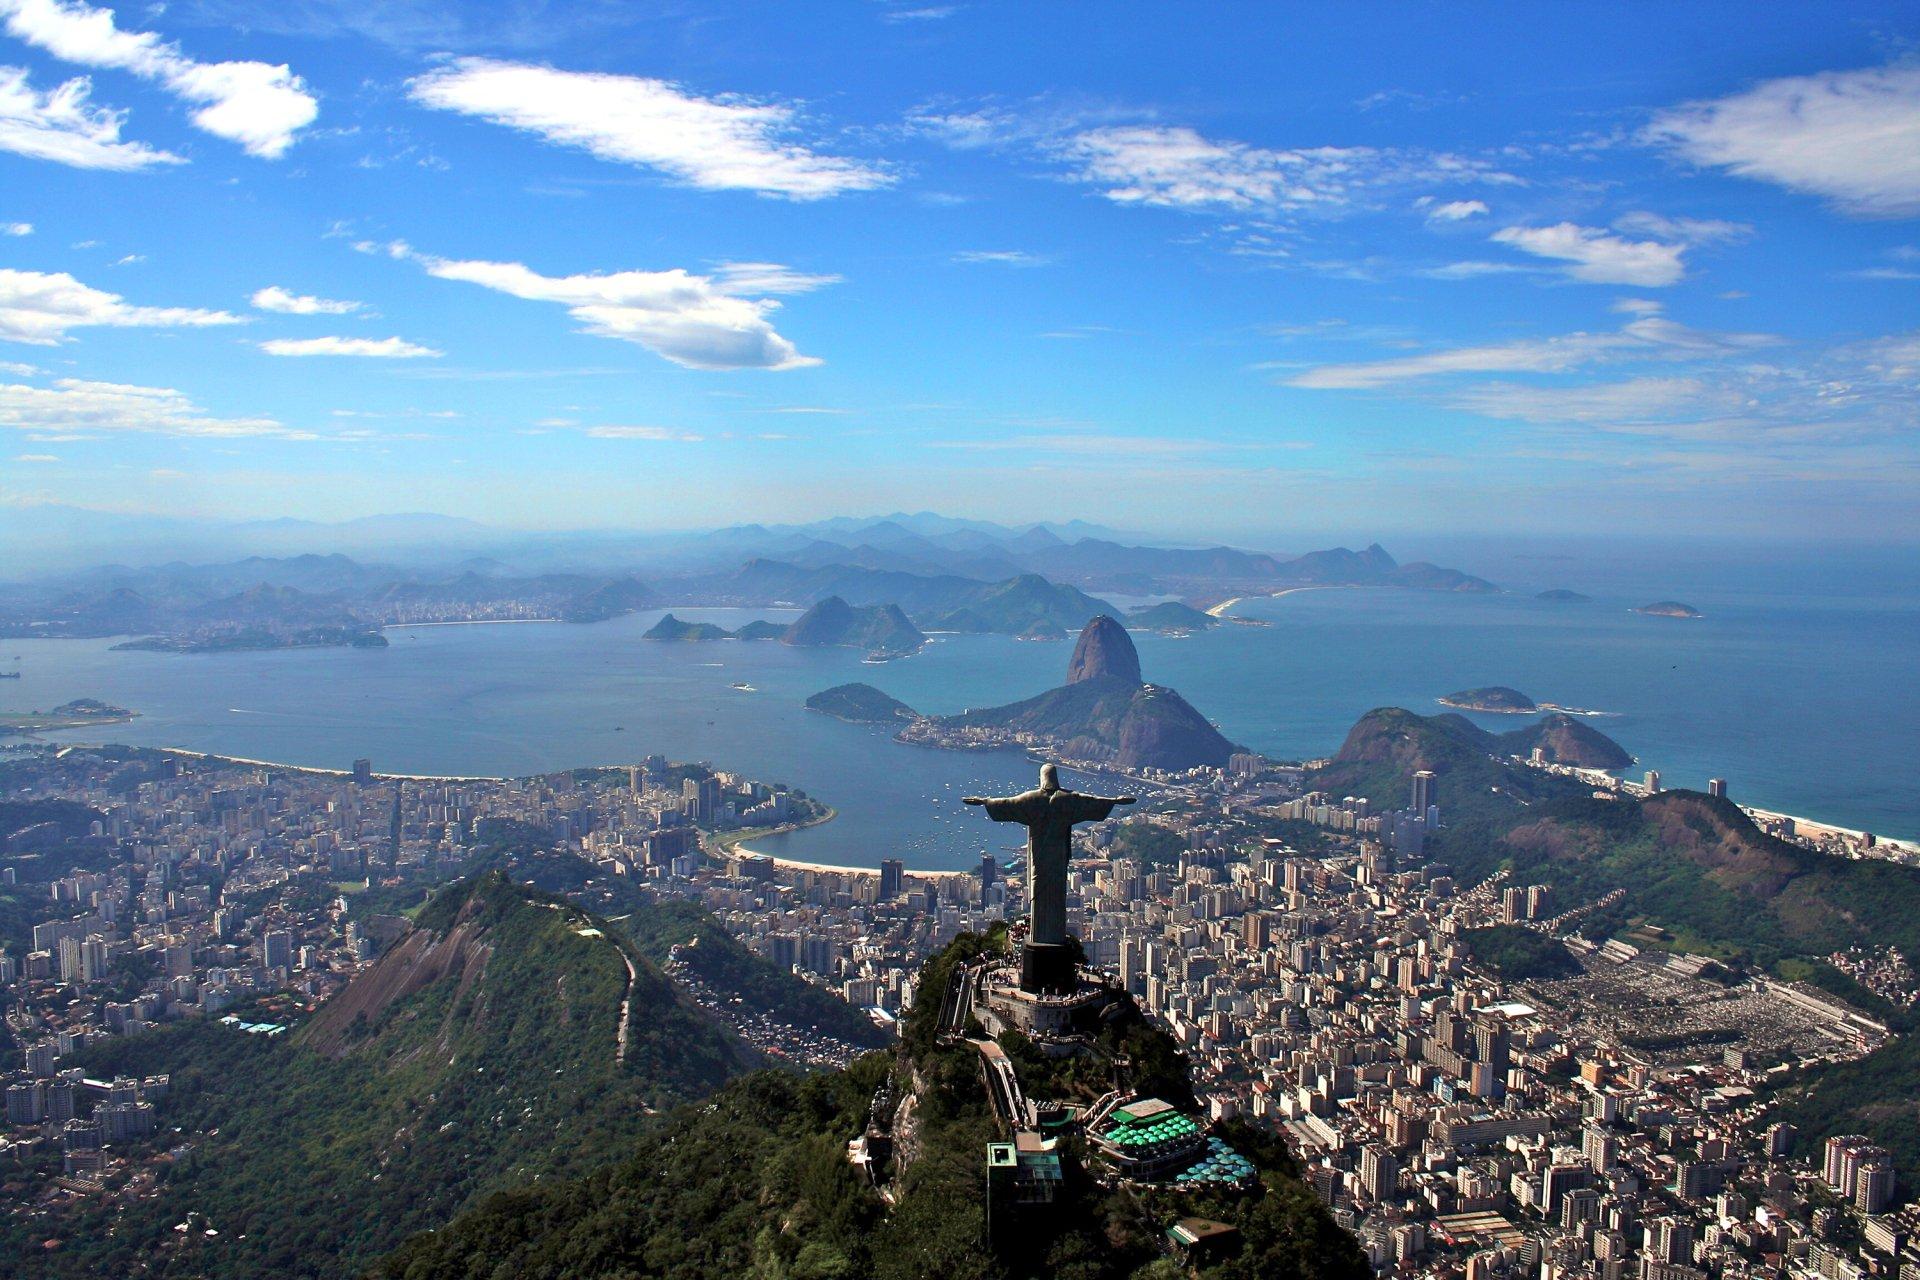 Man Made - Rio De Janeiro  Brazil City Cityscape Christ the Redeemer Wallpaper